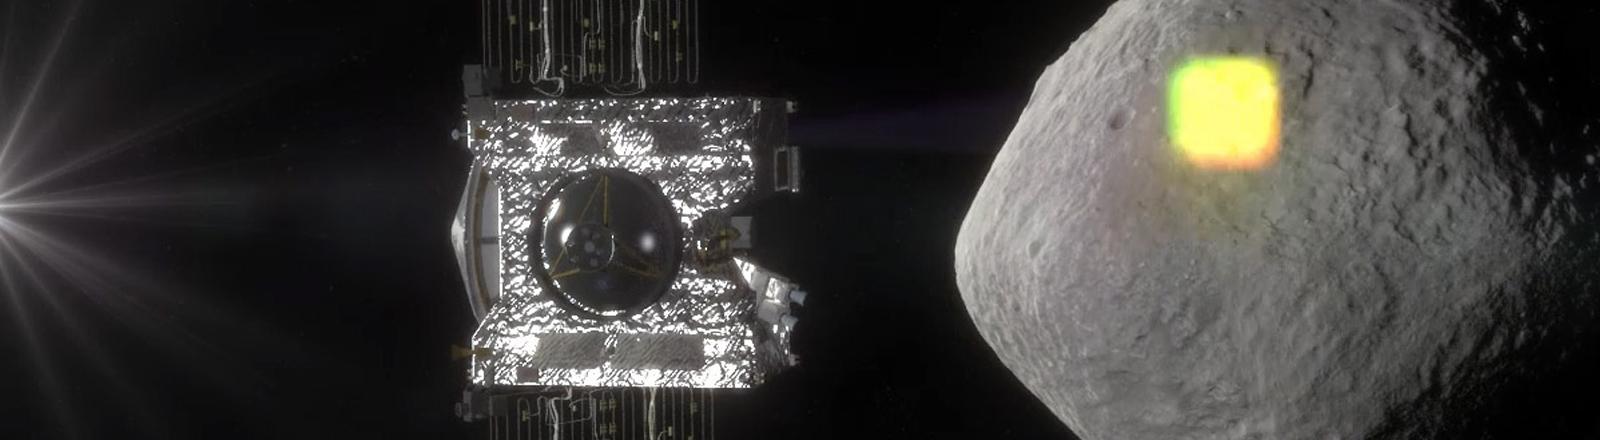 Osiris Rex fliegt zum Asteroiden Bennu